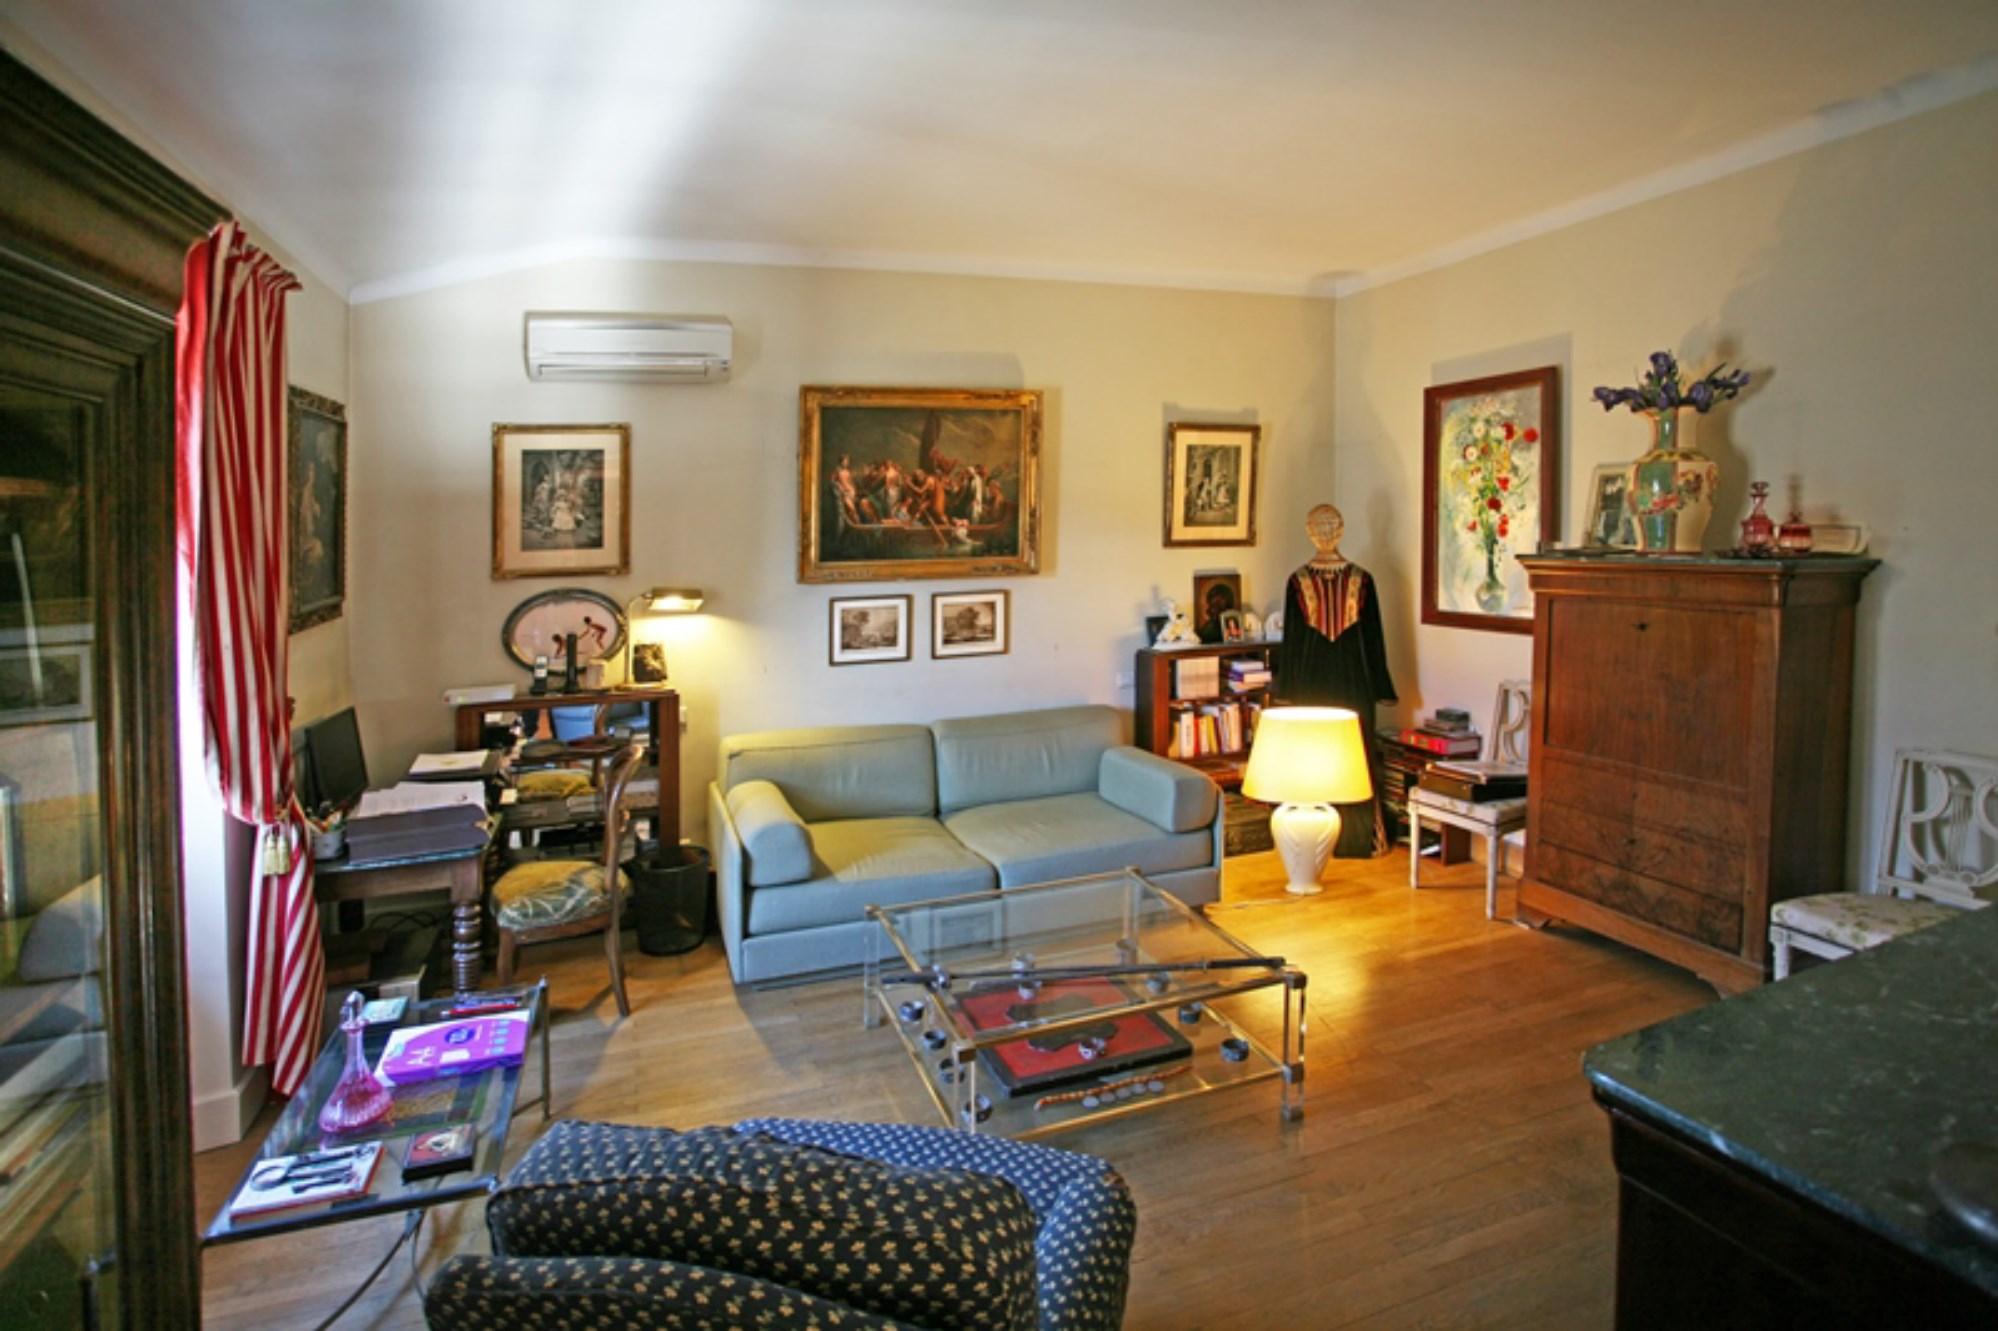 A vendre en Viager ou en pleine propriété sur Lauris en Luberon,  maison de Maître du XIXe